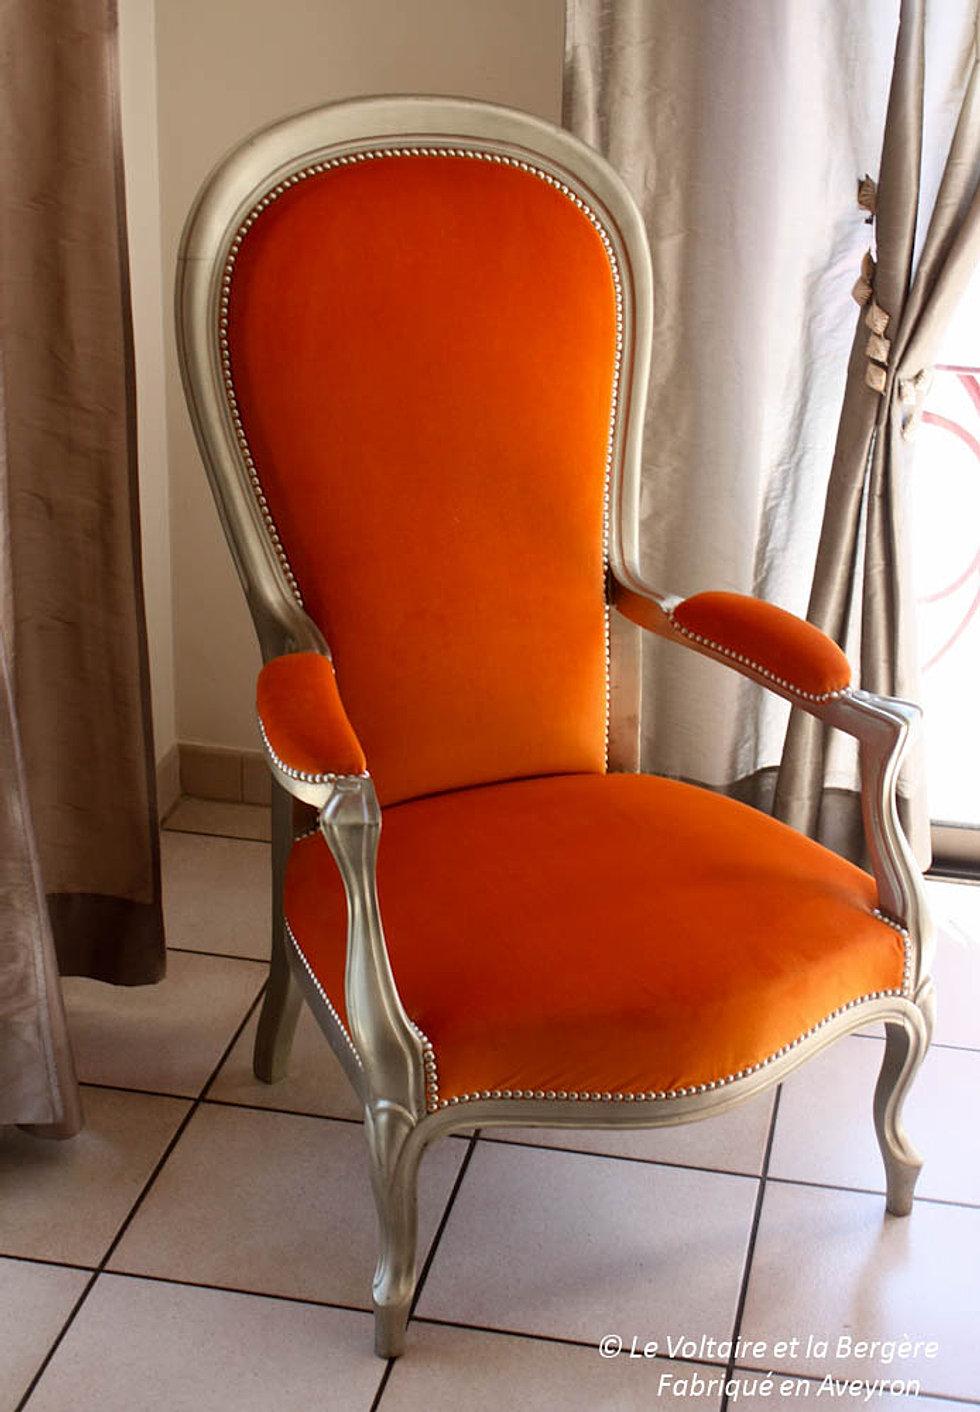 villefranche de rouergue restauration renovation tapissier fauteuils